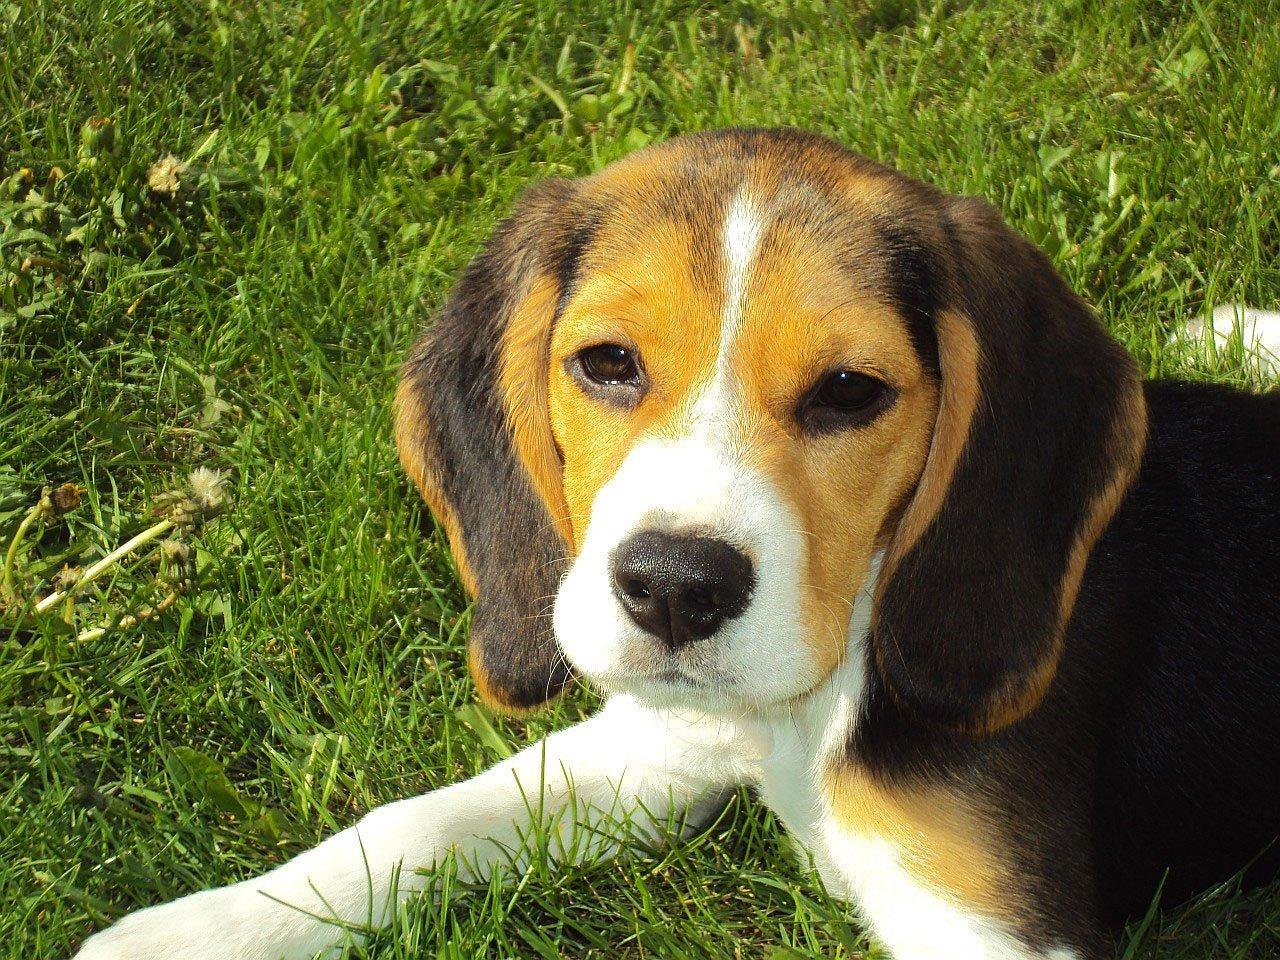 Quel destin pour les chiens Beagles de laboratoire?